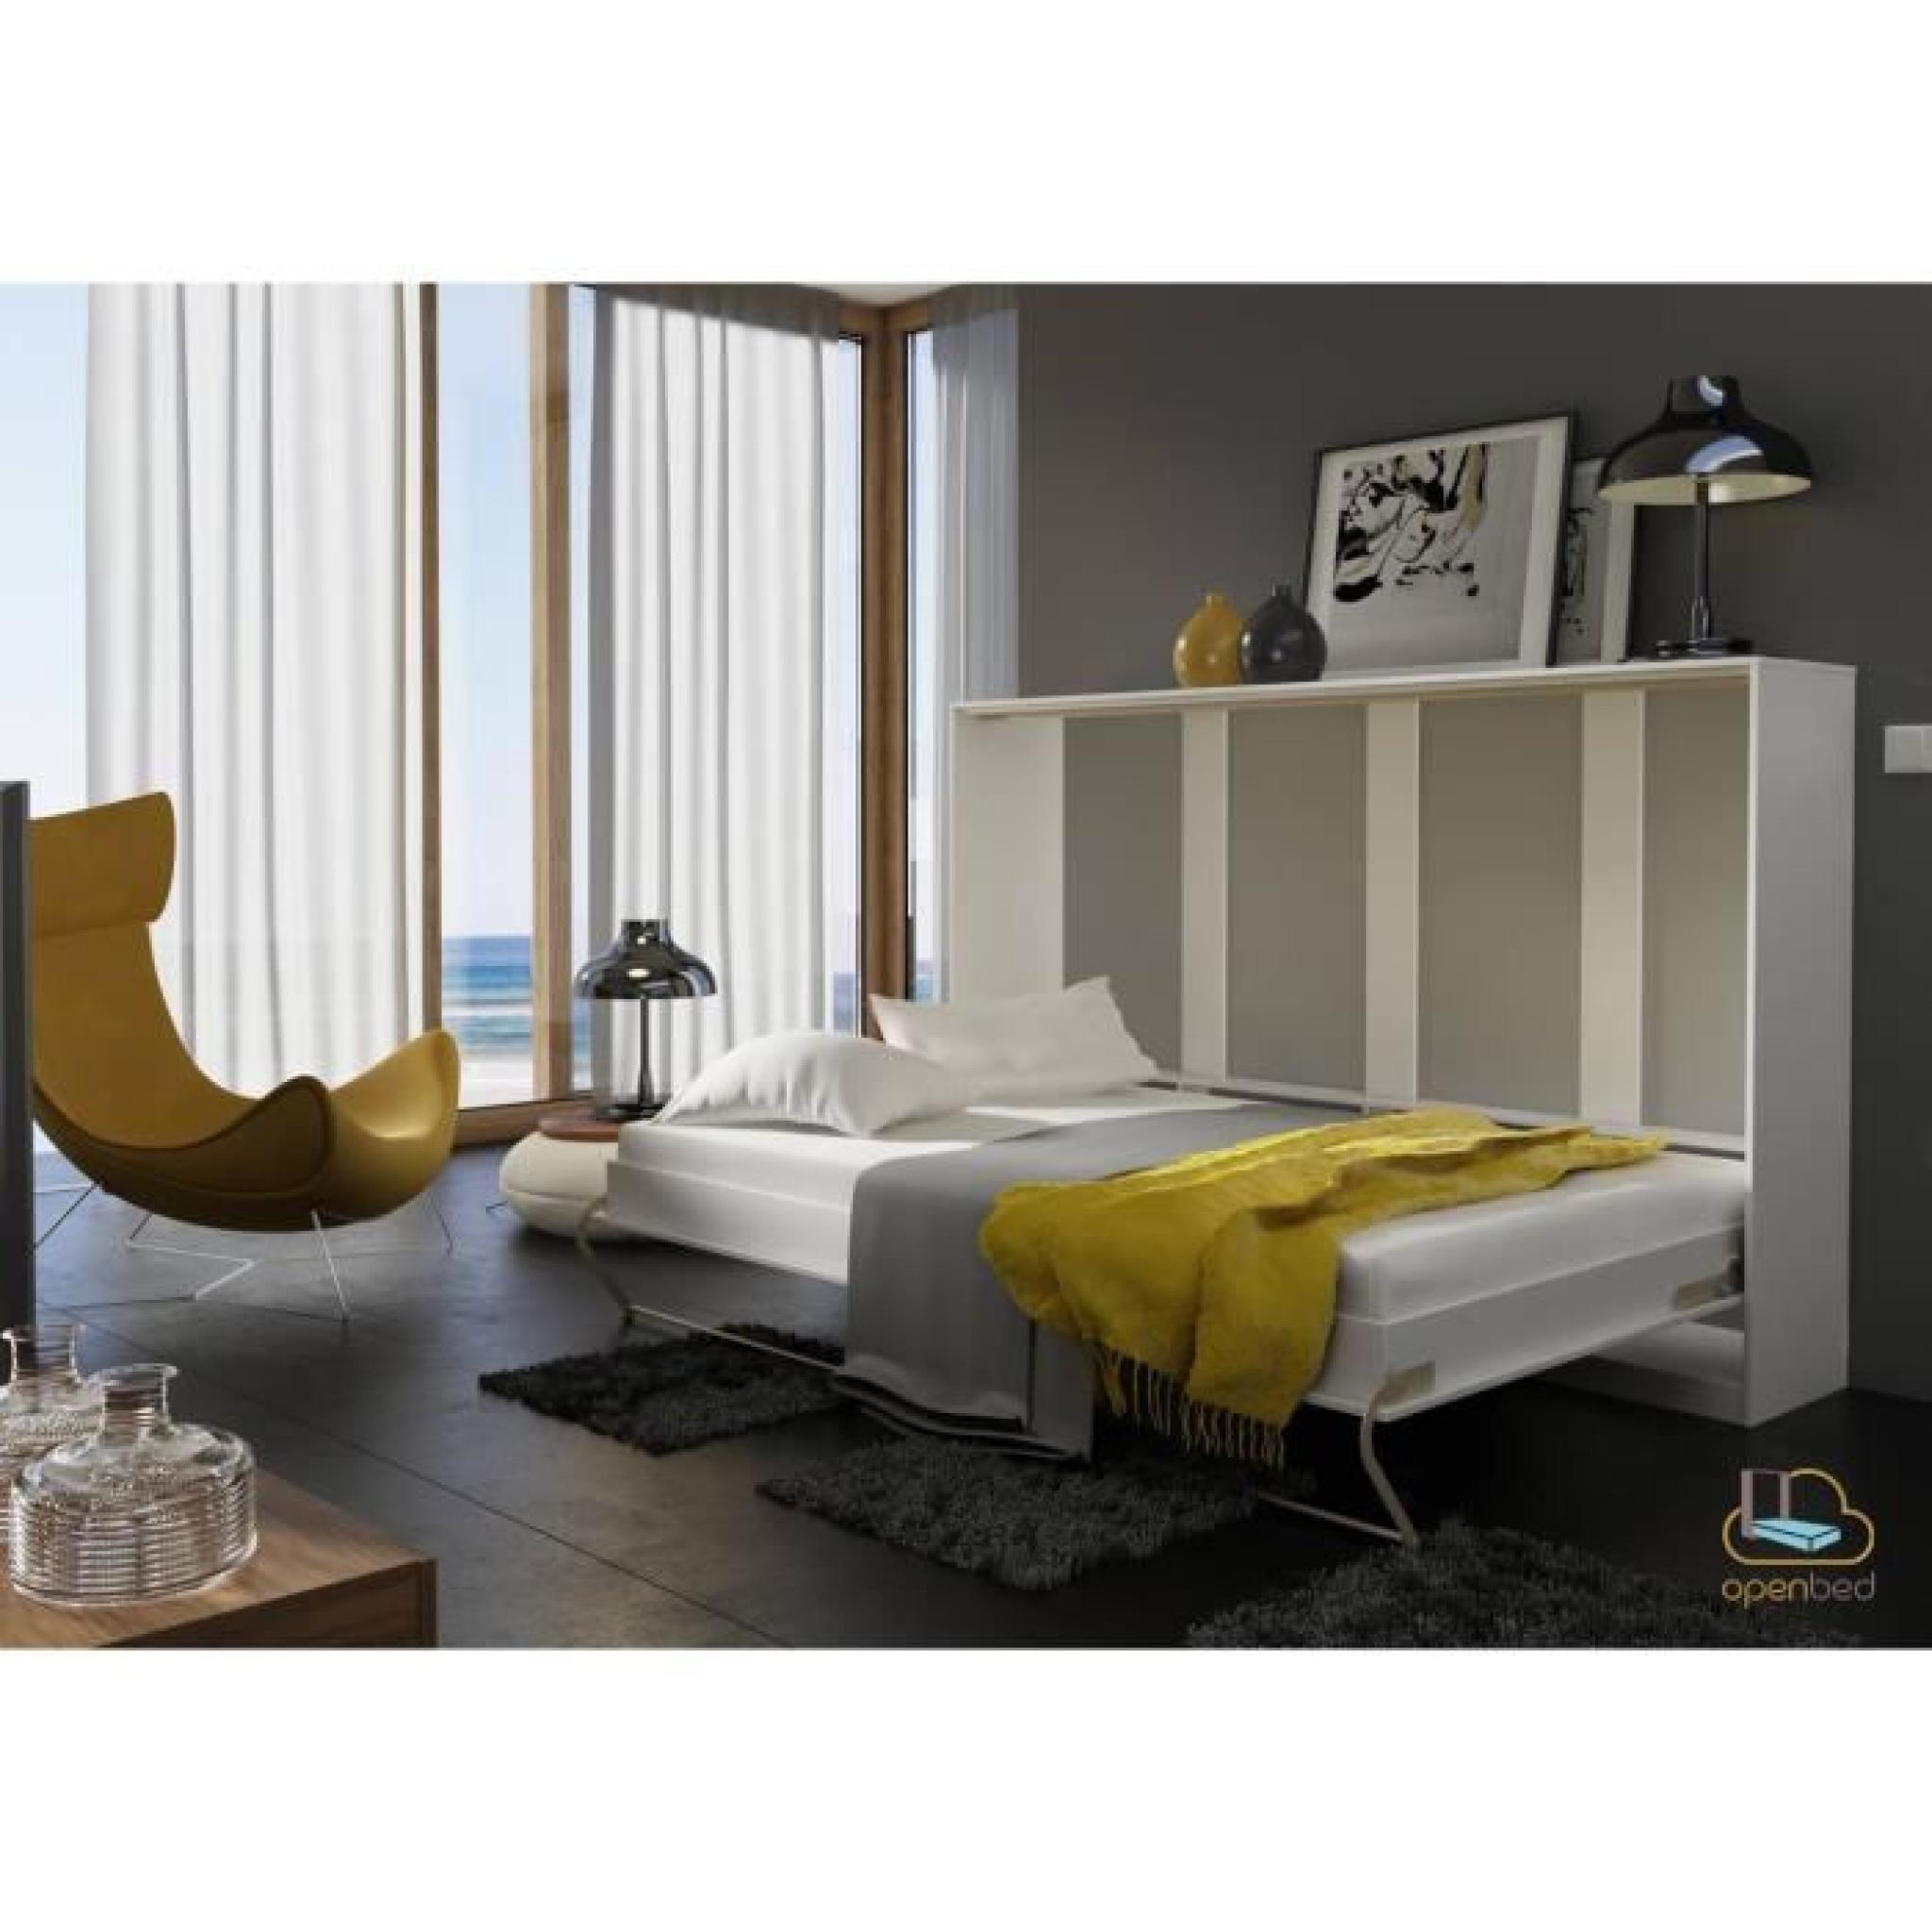 lit escamotable horizontal bora blanc achat vente lit escamotable pas cher couleur et. Black Bedroom Furniture Sets. Home Design Ideas